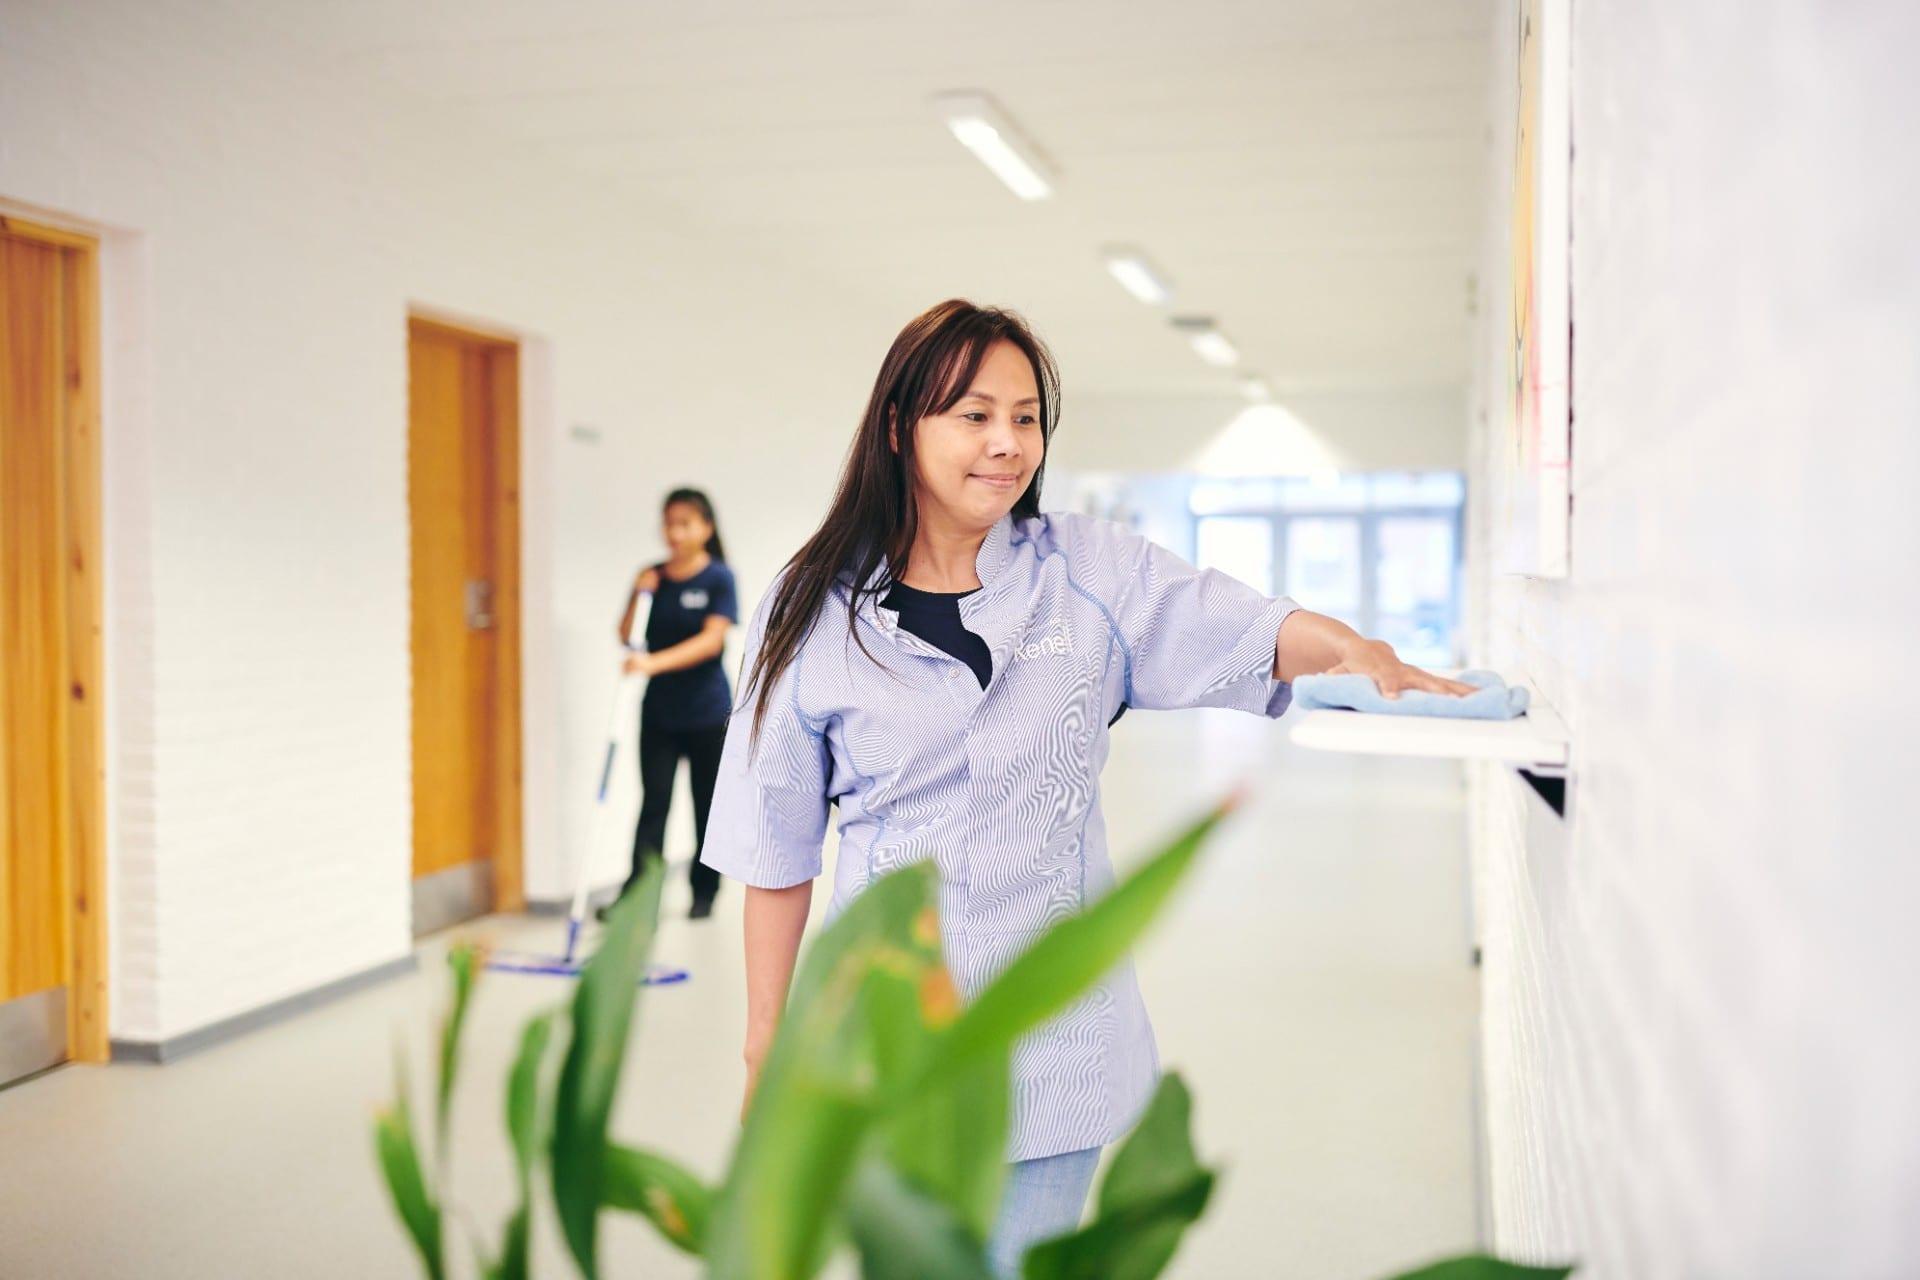 Renell-medarbejdere vasker gulv og tørrer flader af på skole-gang